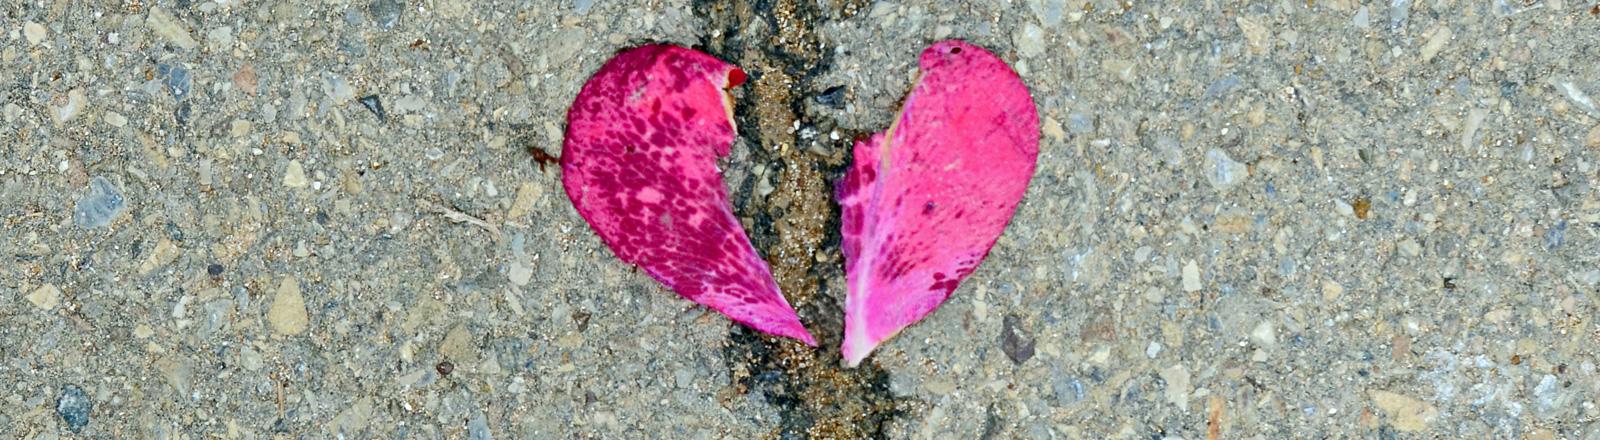 Zwei rosa Blutenblätter liegen auf dem Boden. Sie formen zwei Hälften eines Herzes, durch die Mitte läuft ein Riss im Boden.